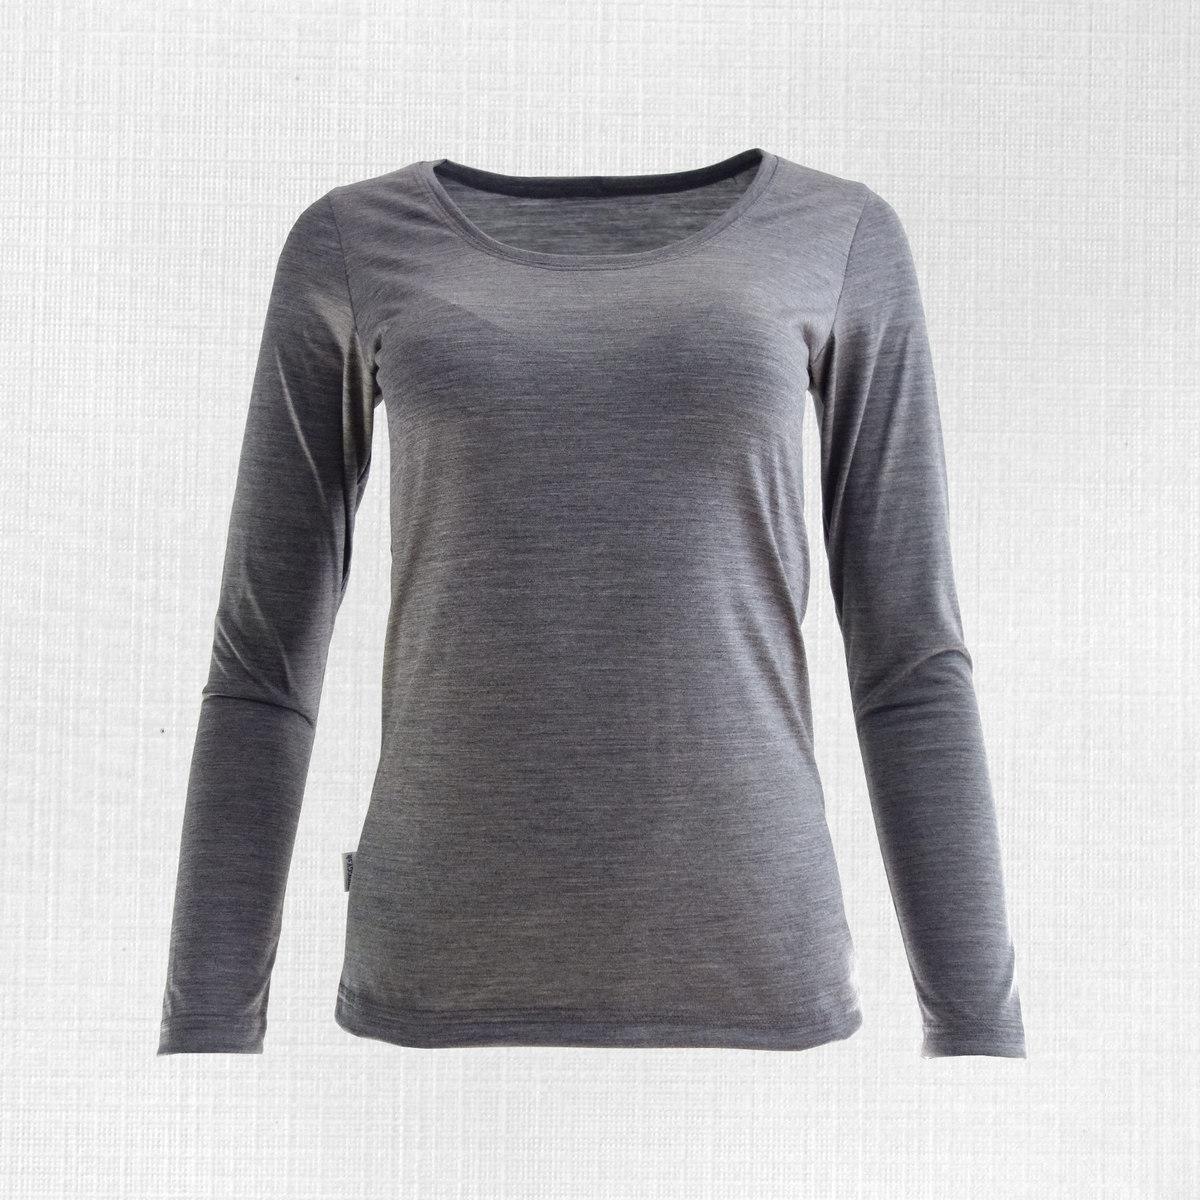 e0598c3e0 Dámske funkčné tričko Litava   Froggywear.sk